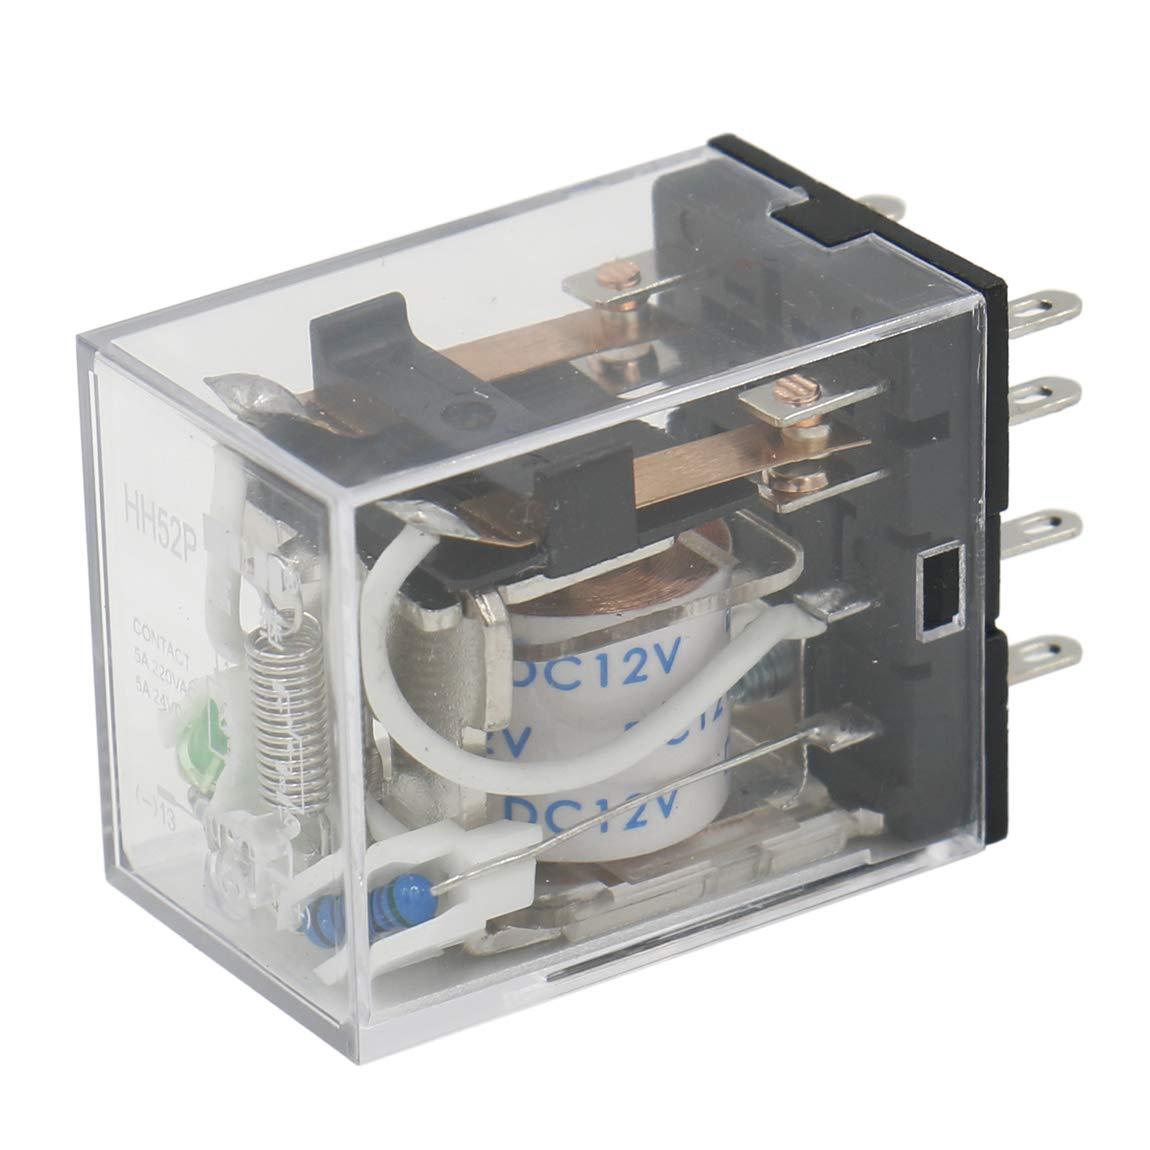 Relais Polyvalent Heschen HH52P 12 V DC Bobine 5 A 220 V AC// 24 V DC DPDT /à 8 Broches